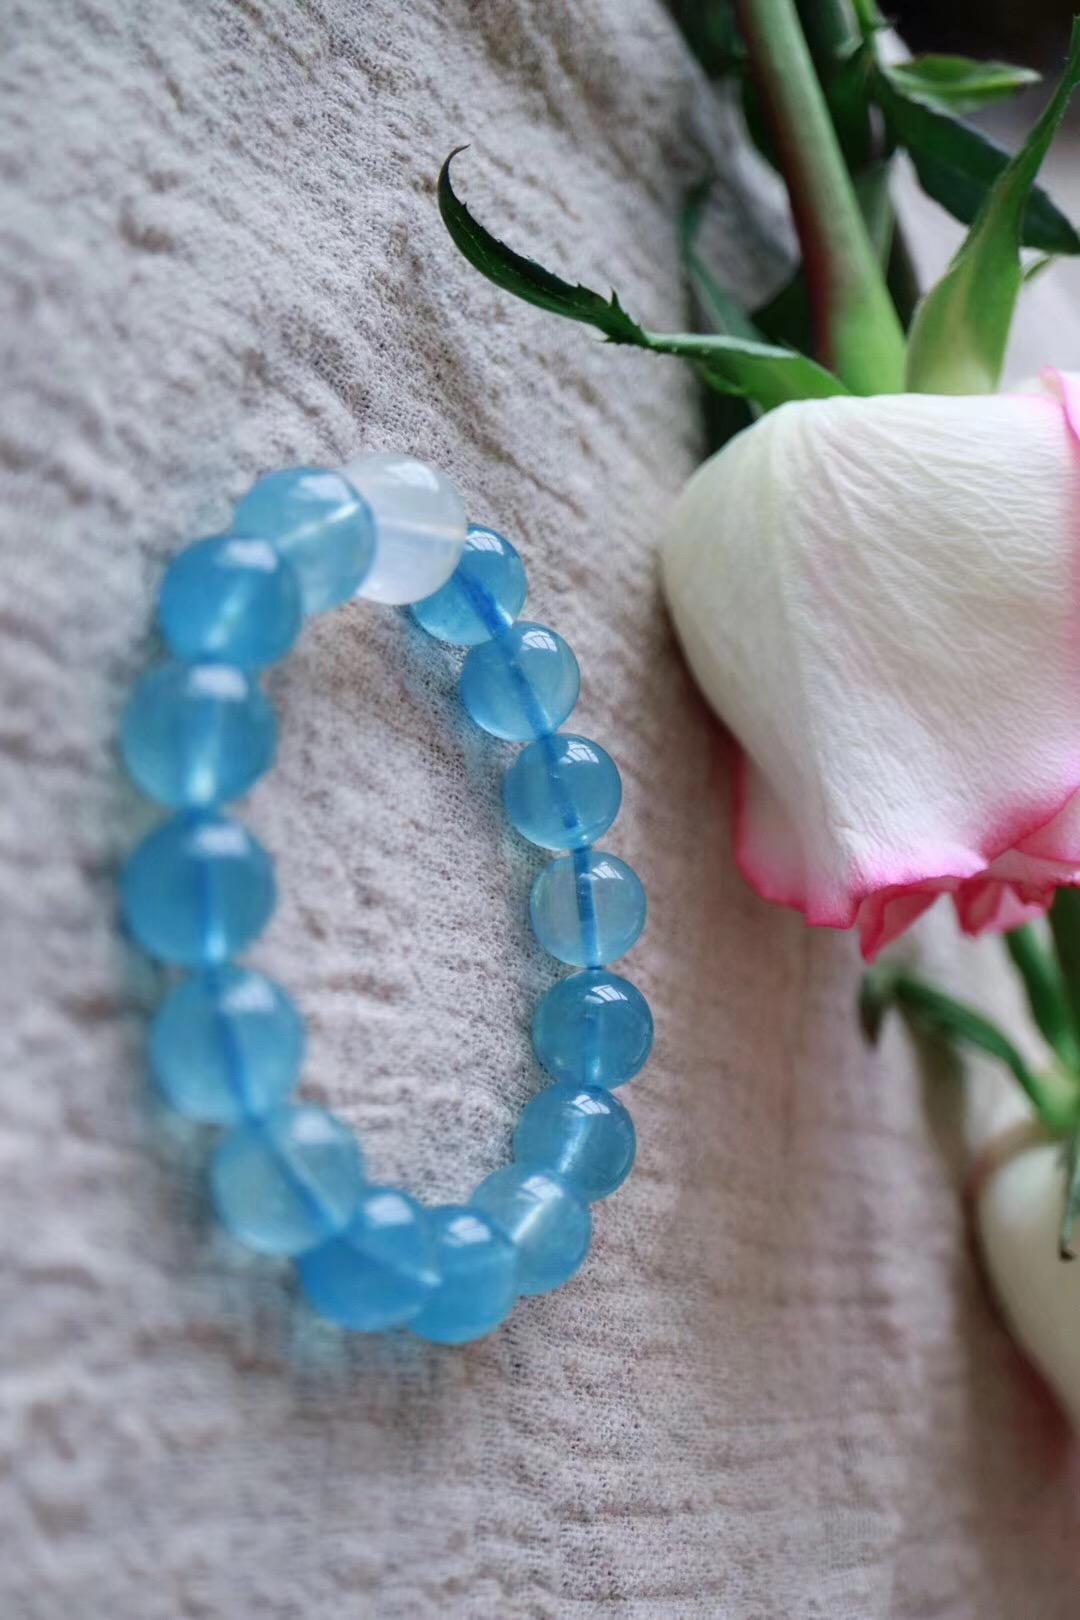 【菩心海蓝宝 | 月光石】地中海式的湛蓝,一眼望去,就是那样的迷人-菩心晶舍